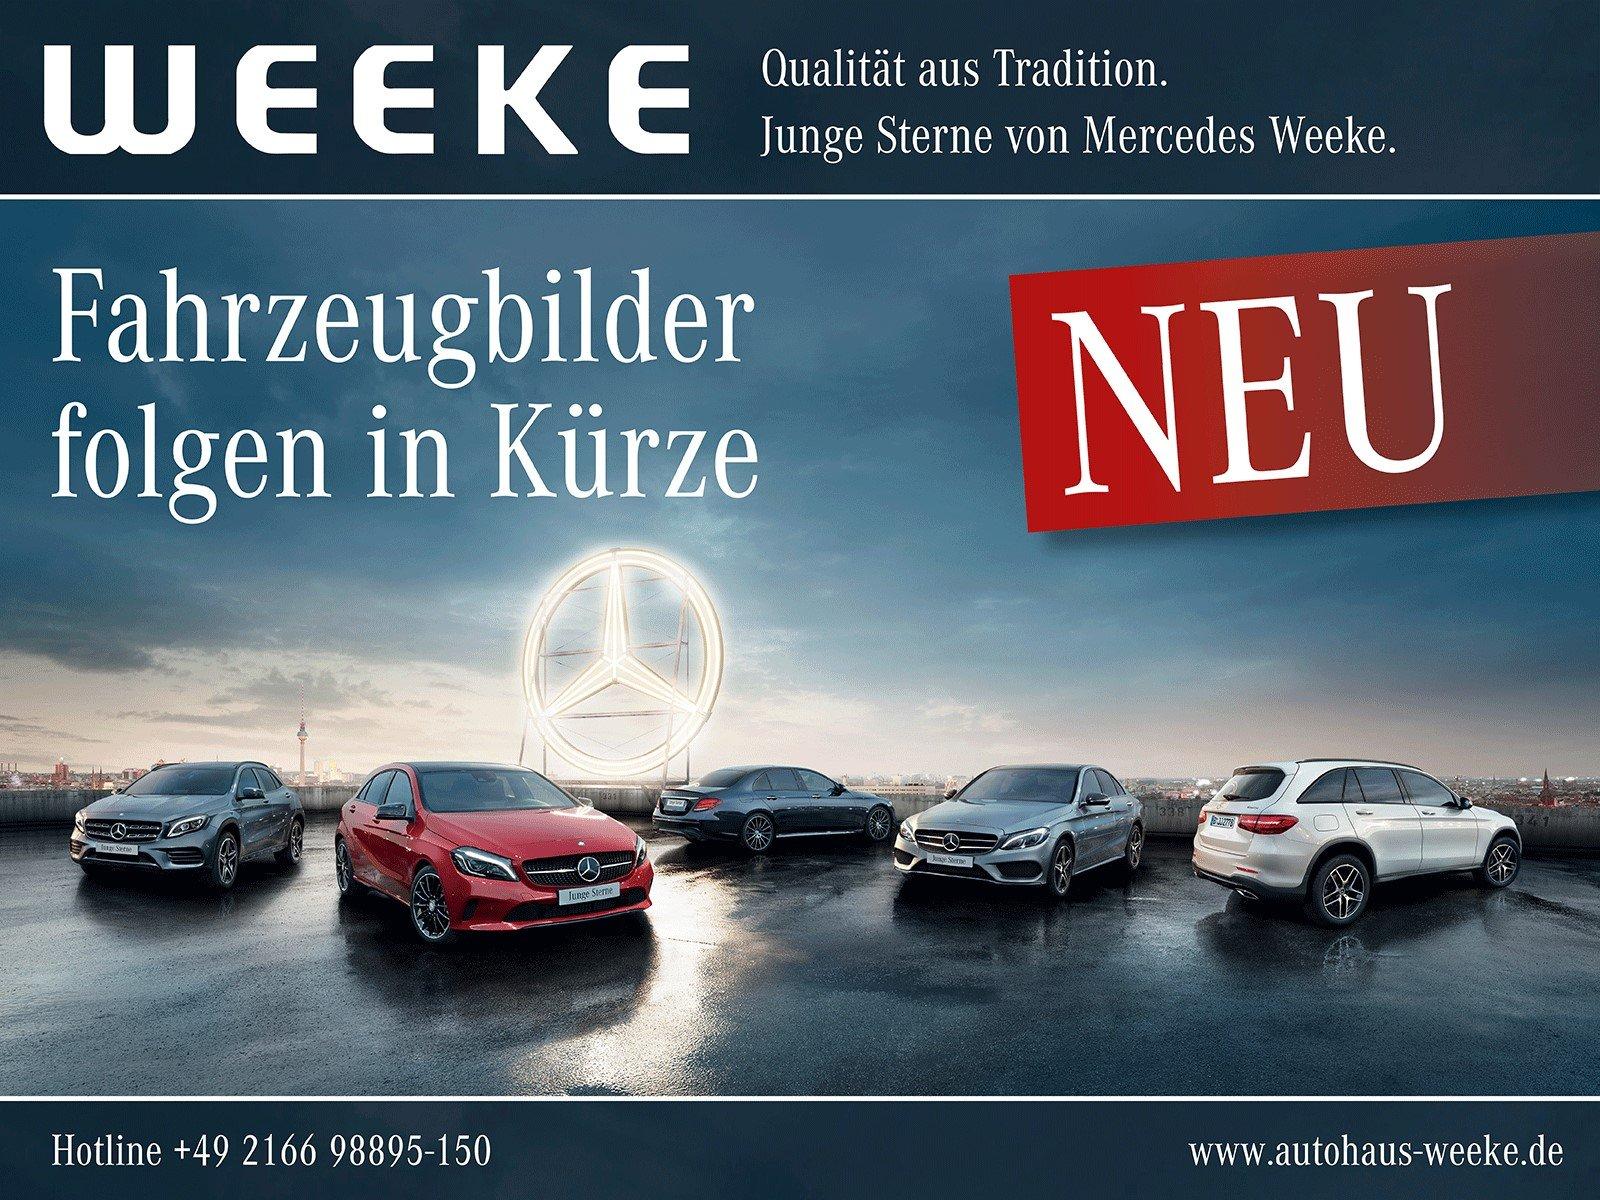 Mercedes-Benz GLK 200 CDI BE NAVIGATION+PARKTRONIC+AHK+CHROM+S, Jahr 2013, Diesel